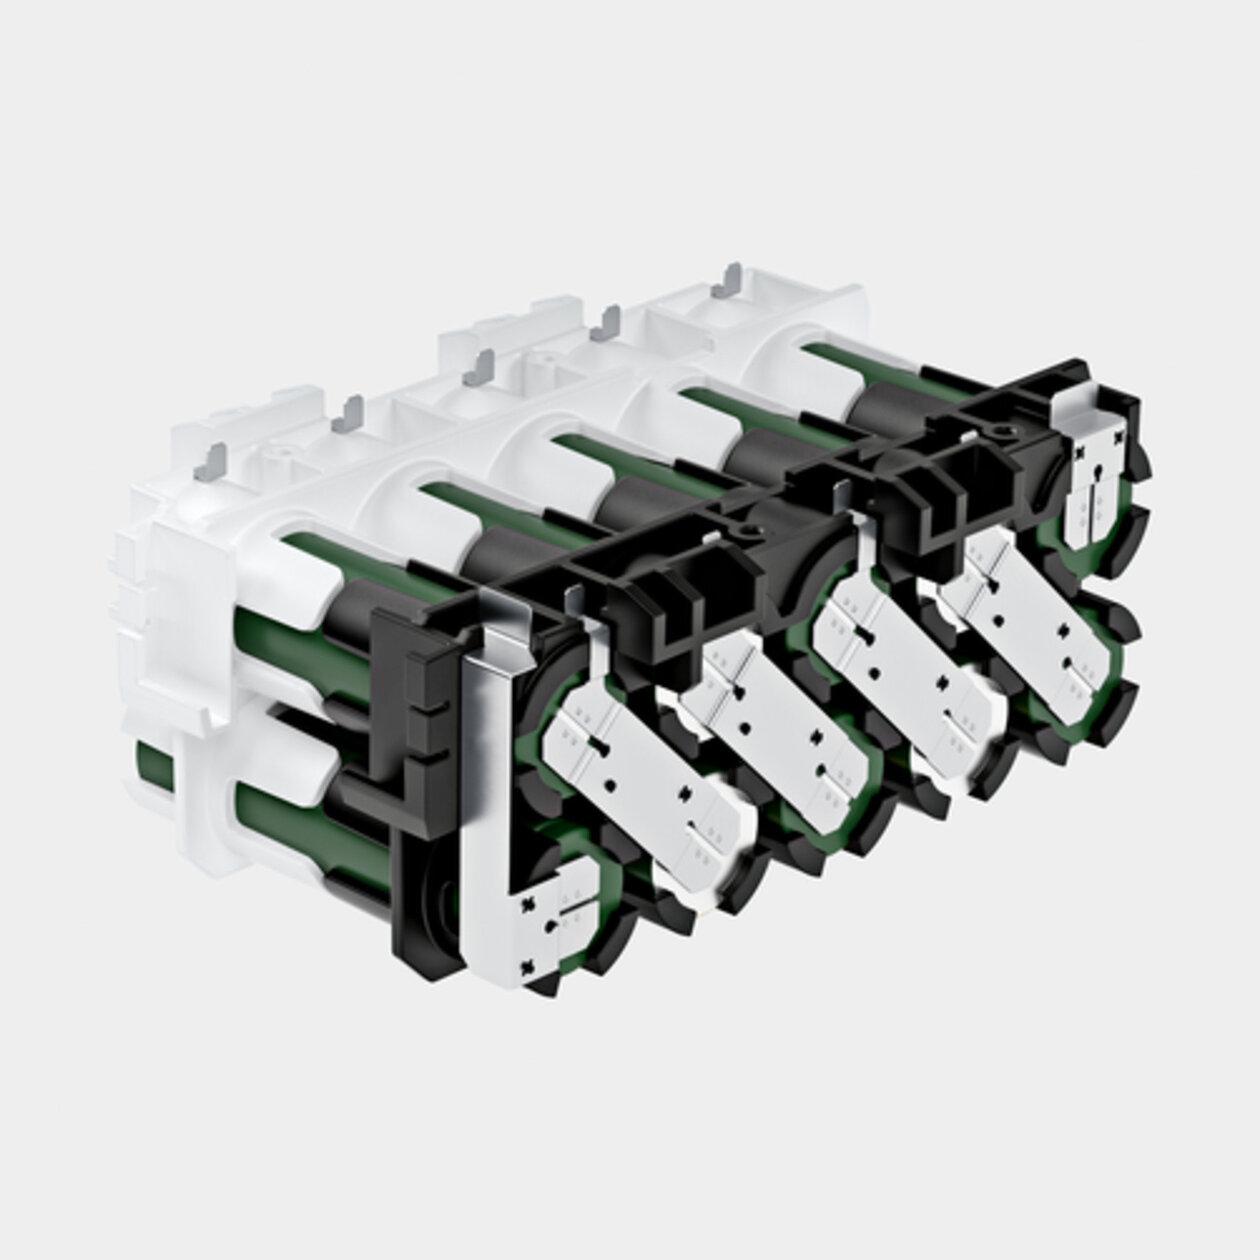 Baterie 36V / 5,0Ah: Výkonné lithium - iontové články